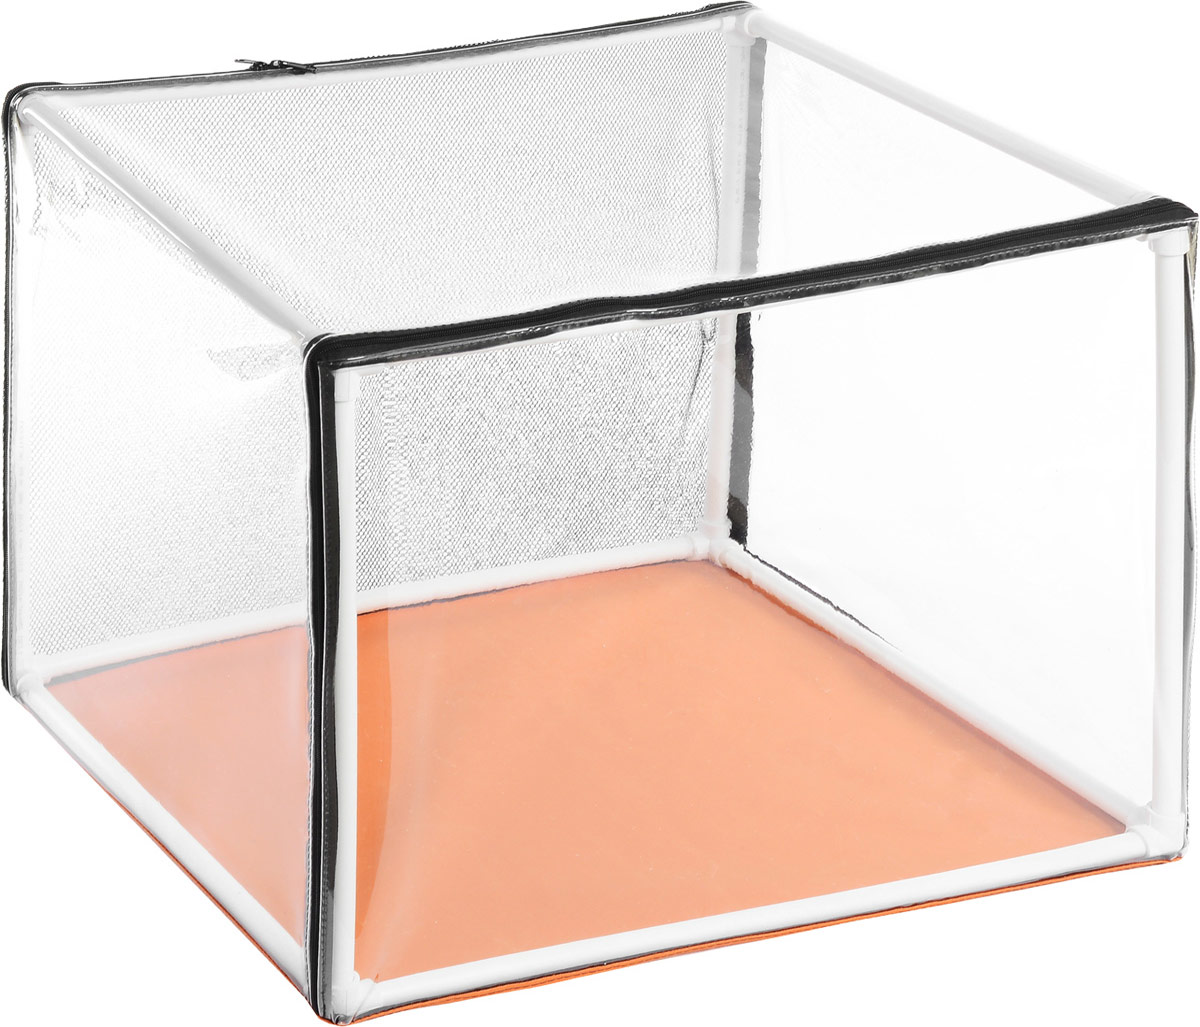 Клетка для животных Elite Valley Аквариум, выставочная, цвет: прозрачный, оранжевый, черный, 86 х 65 х 65 смК-13/3_черный, оранжевыйКлетка Elite Valley Аквариум предназначена для показа кошек и собак на выставках.Она выполнена из плотного текстиля, каркас - пластиковые трубки. Клетка выполнена из текстиля и ПВХ, оснащена сетчатой стенкой. Клетка быстро собирается и разбирается. В комплекте сумка-чехол для удобной транспортировки.